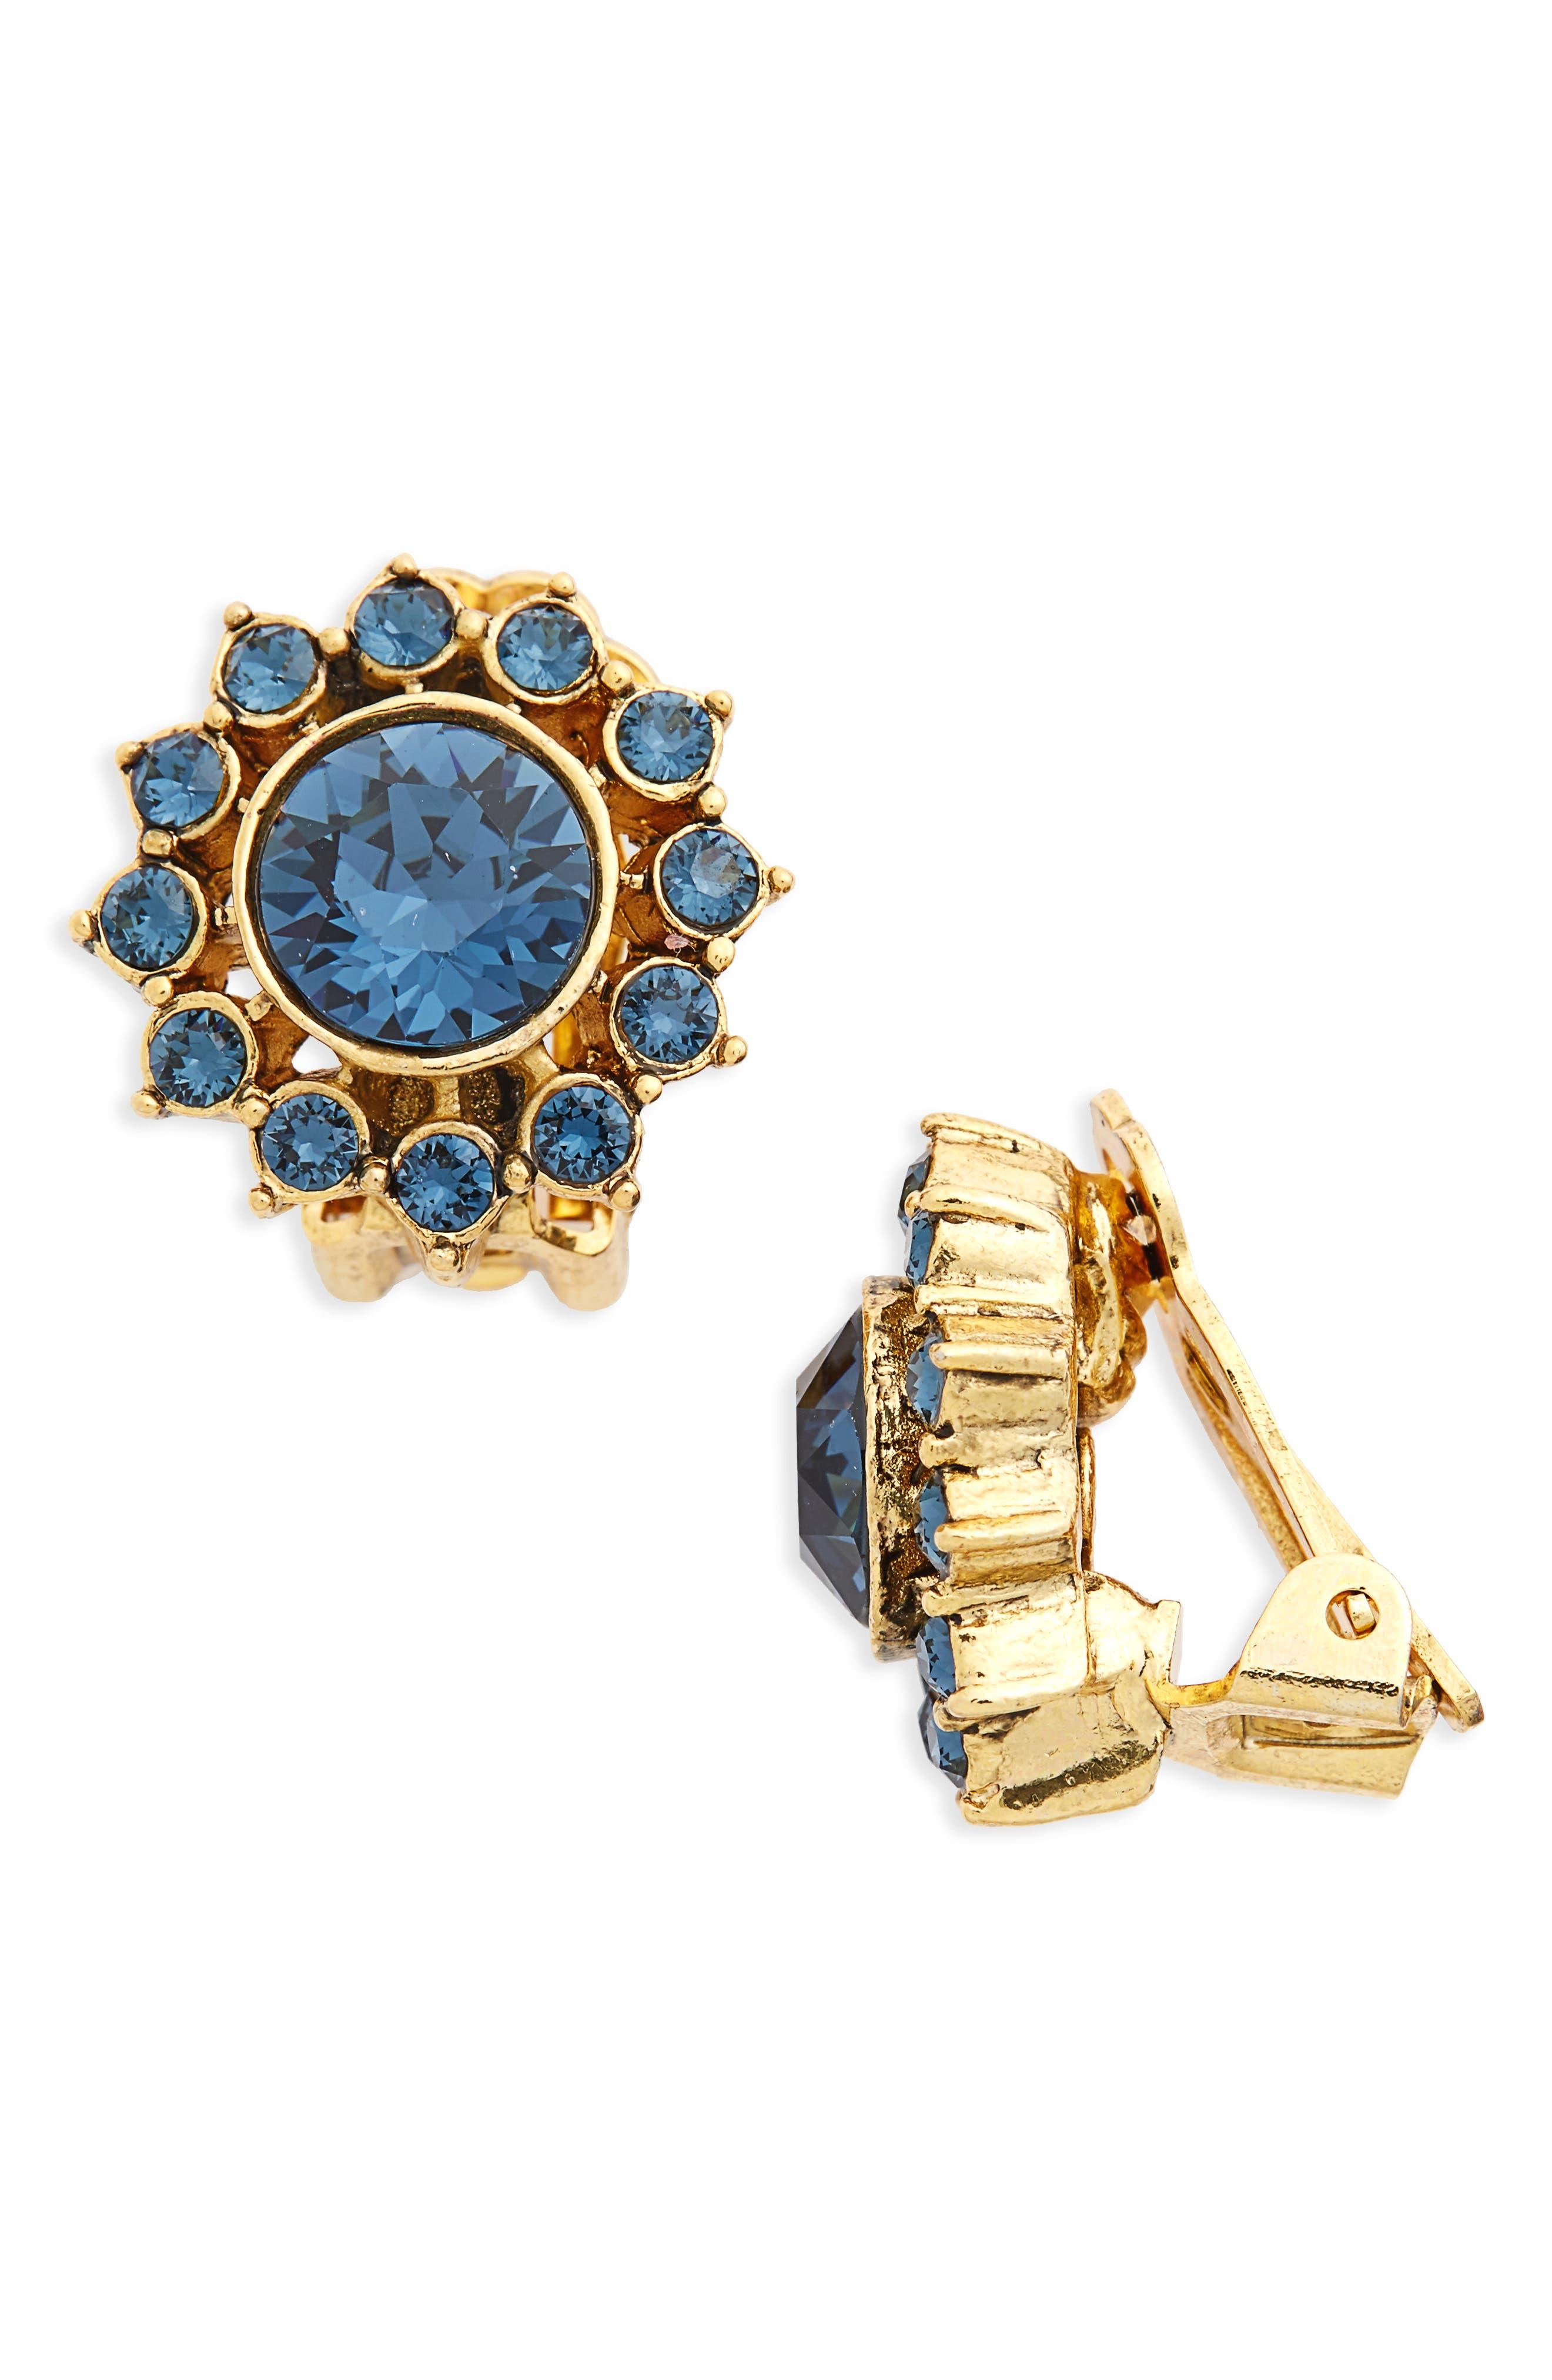 Oscar de la Renta Crystal Starburst Clip Earrings